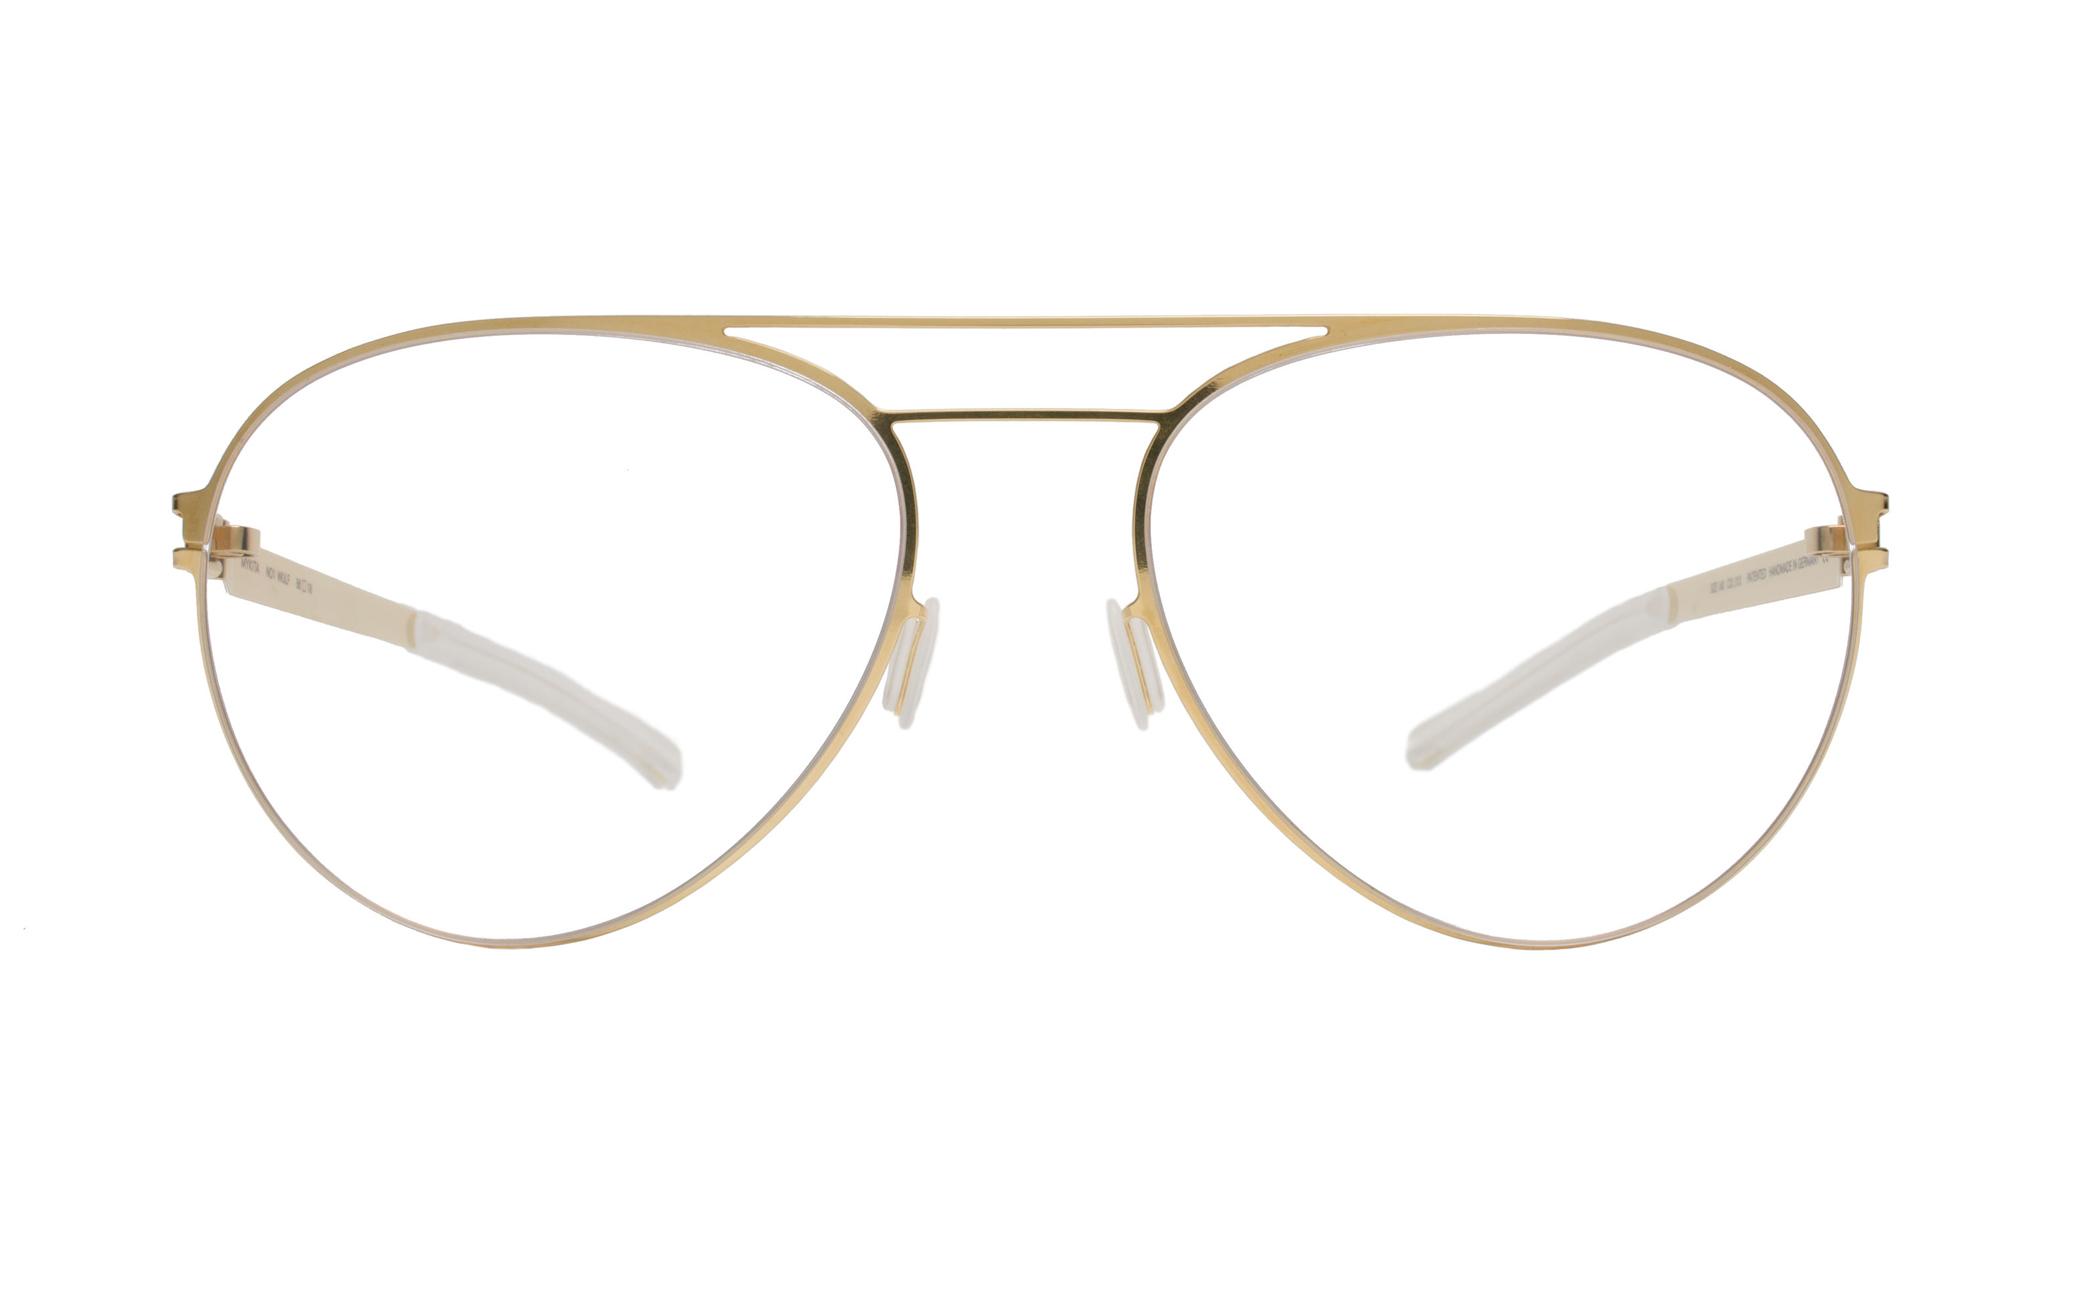 occhiali da vista con montature particolari per i tuoi On montature di occhiali da vista